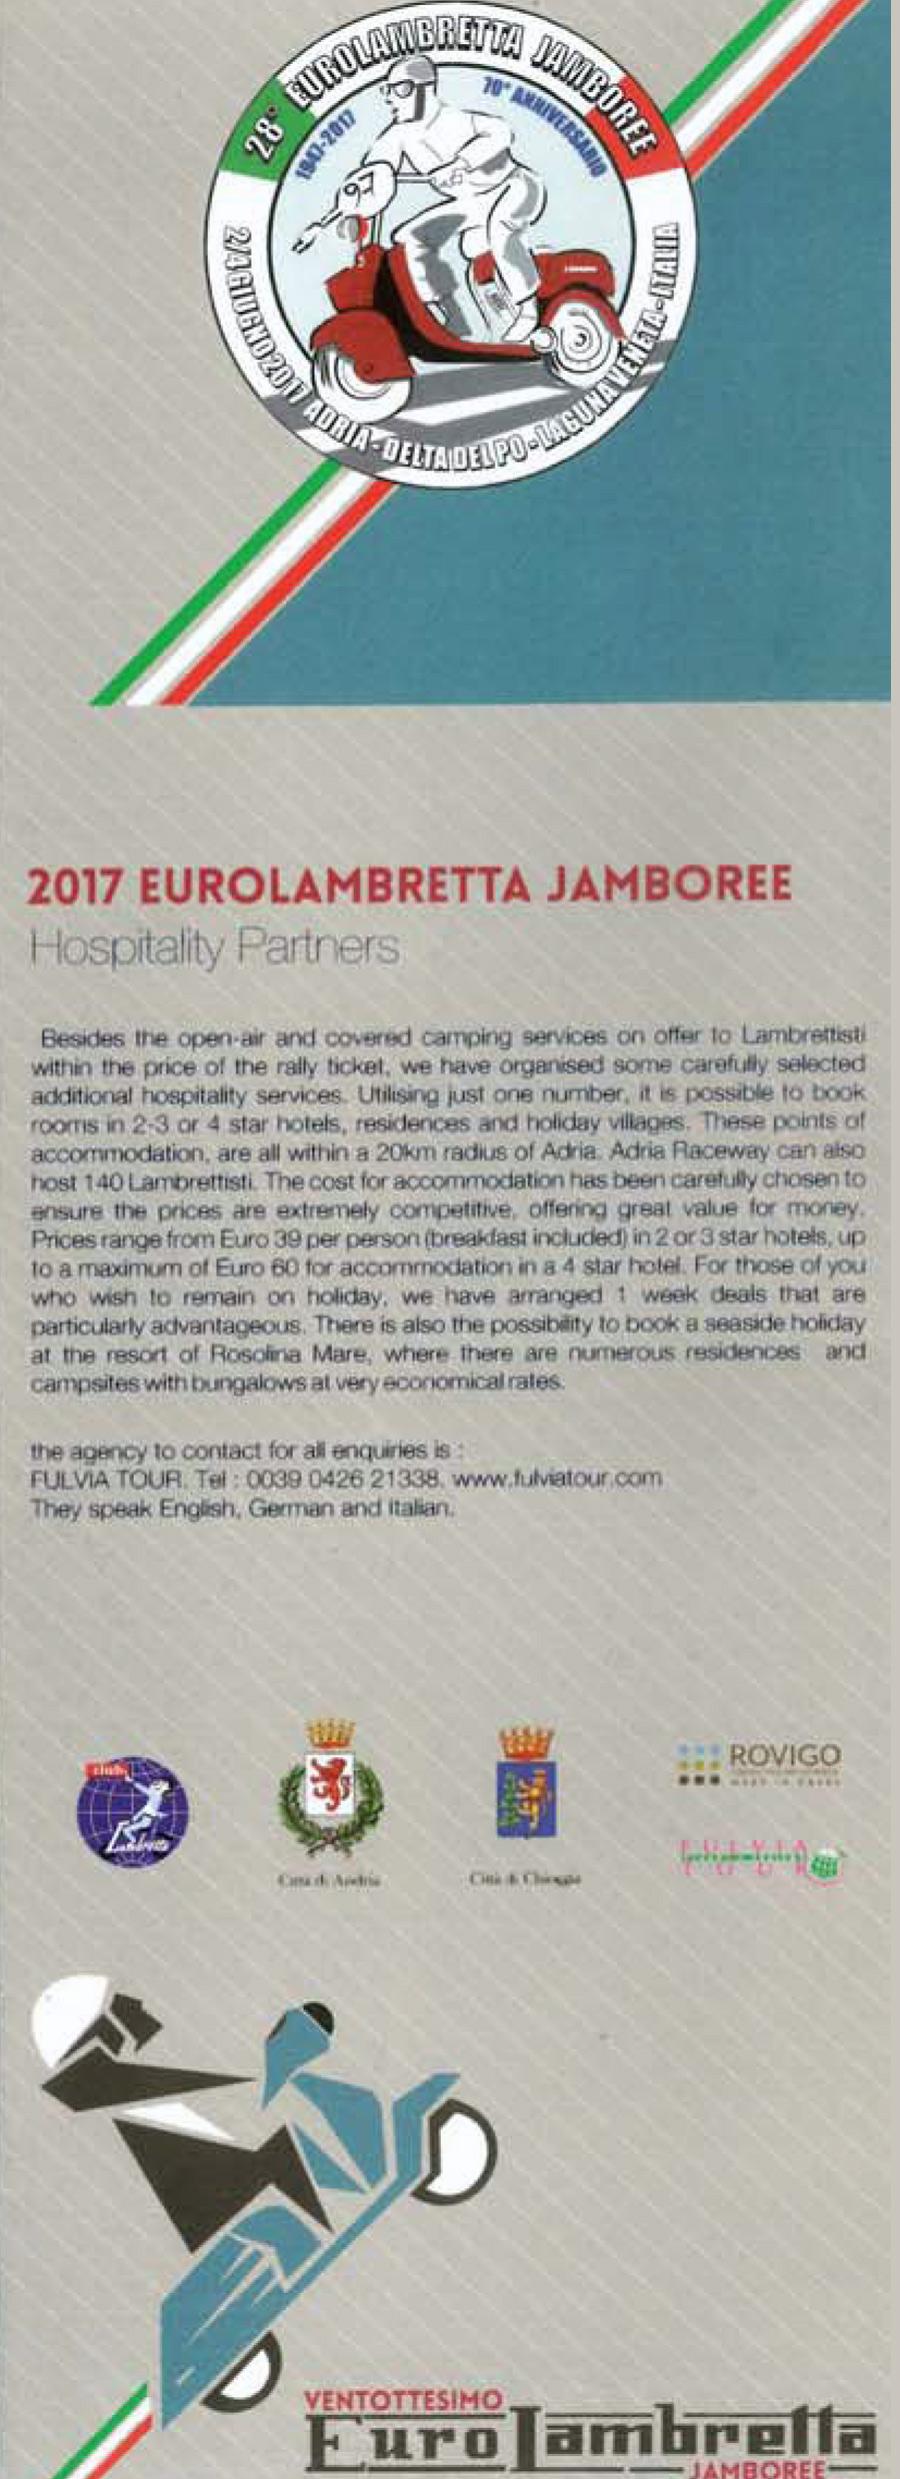 Eurolambretta 2017 Italia